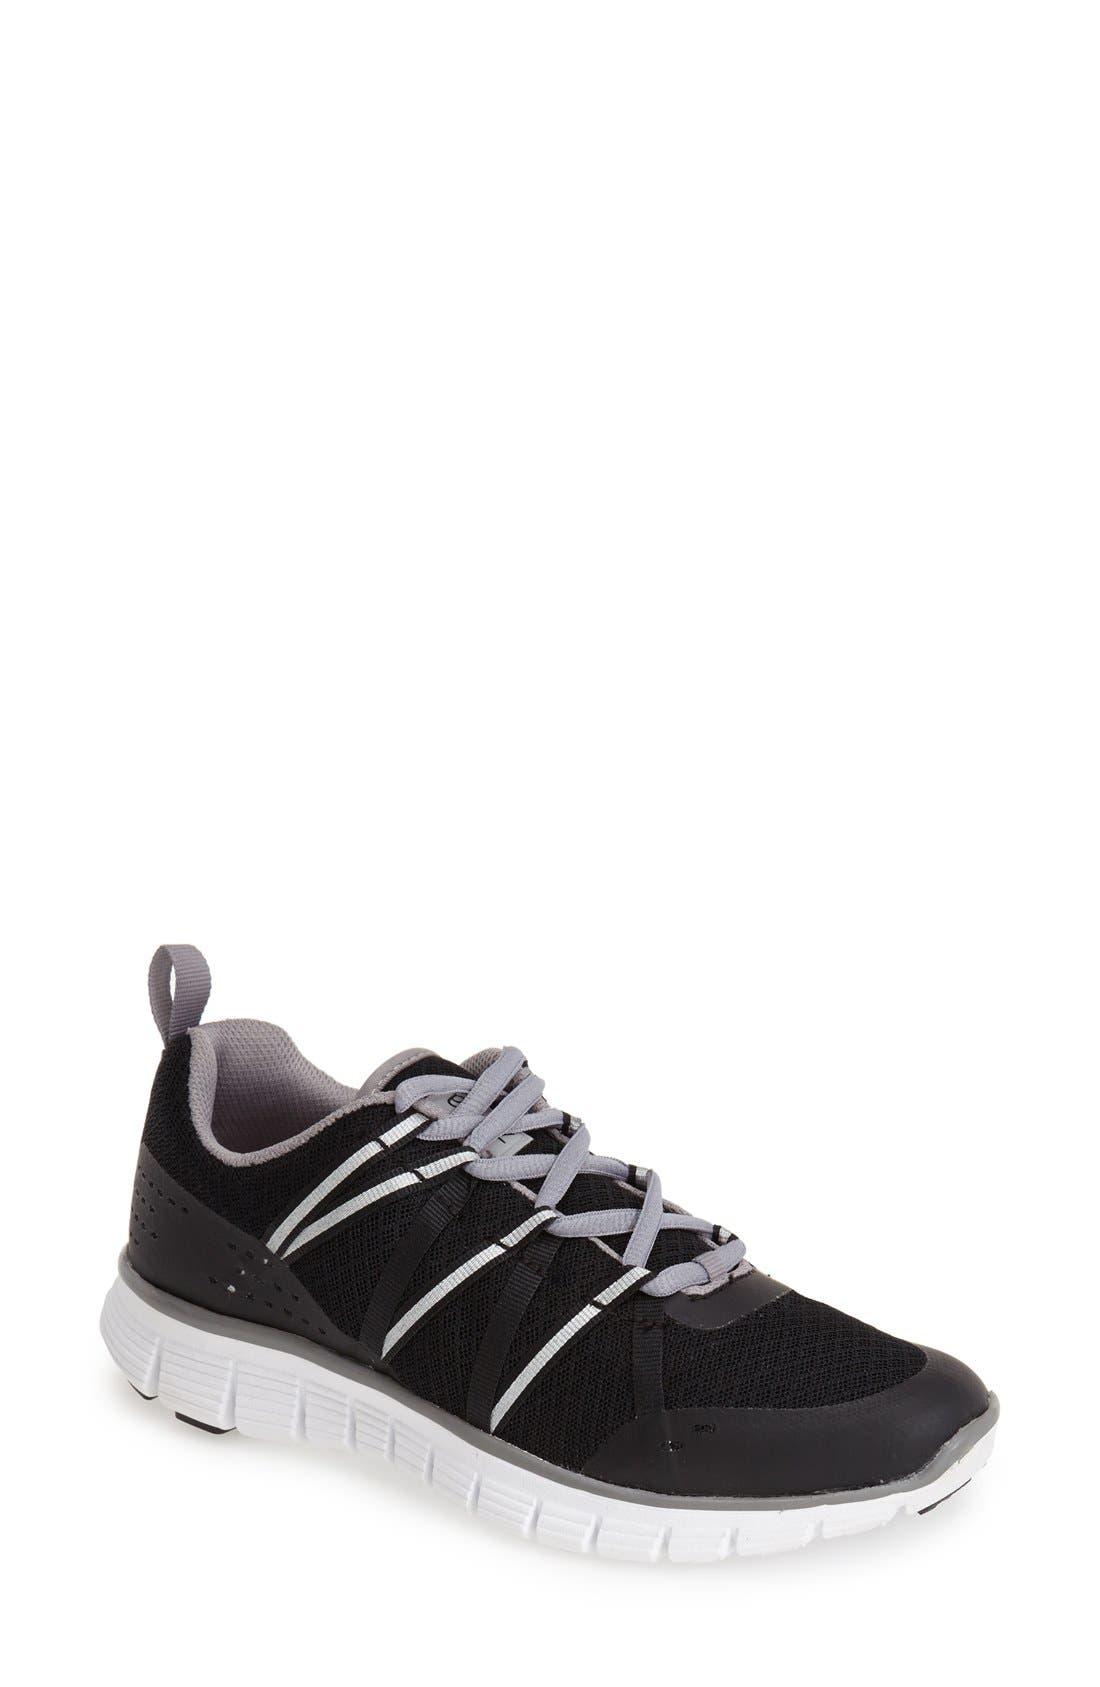 Main Image - Zella 'Dash' Running Shoe (Women)